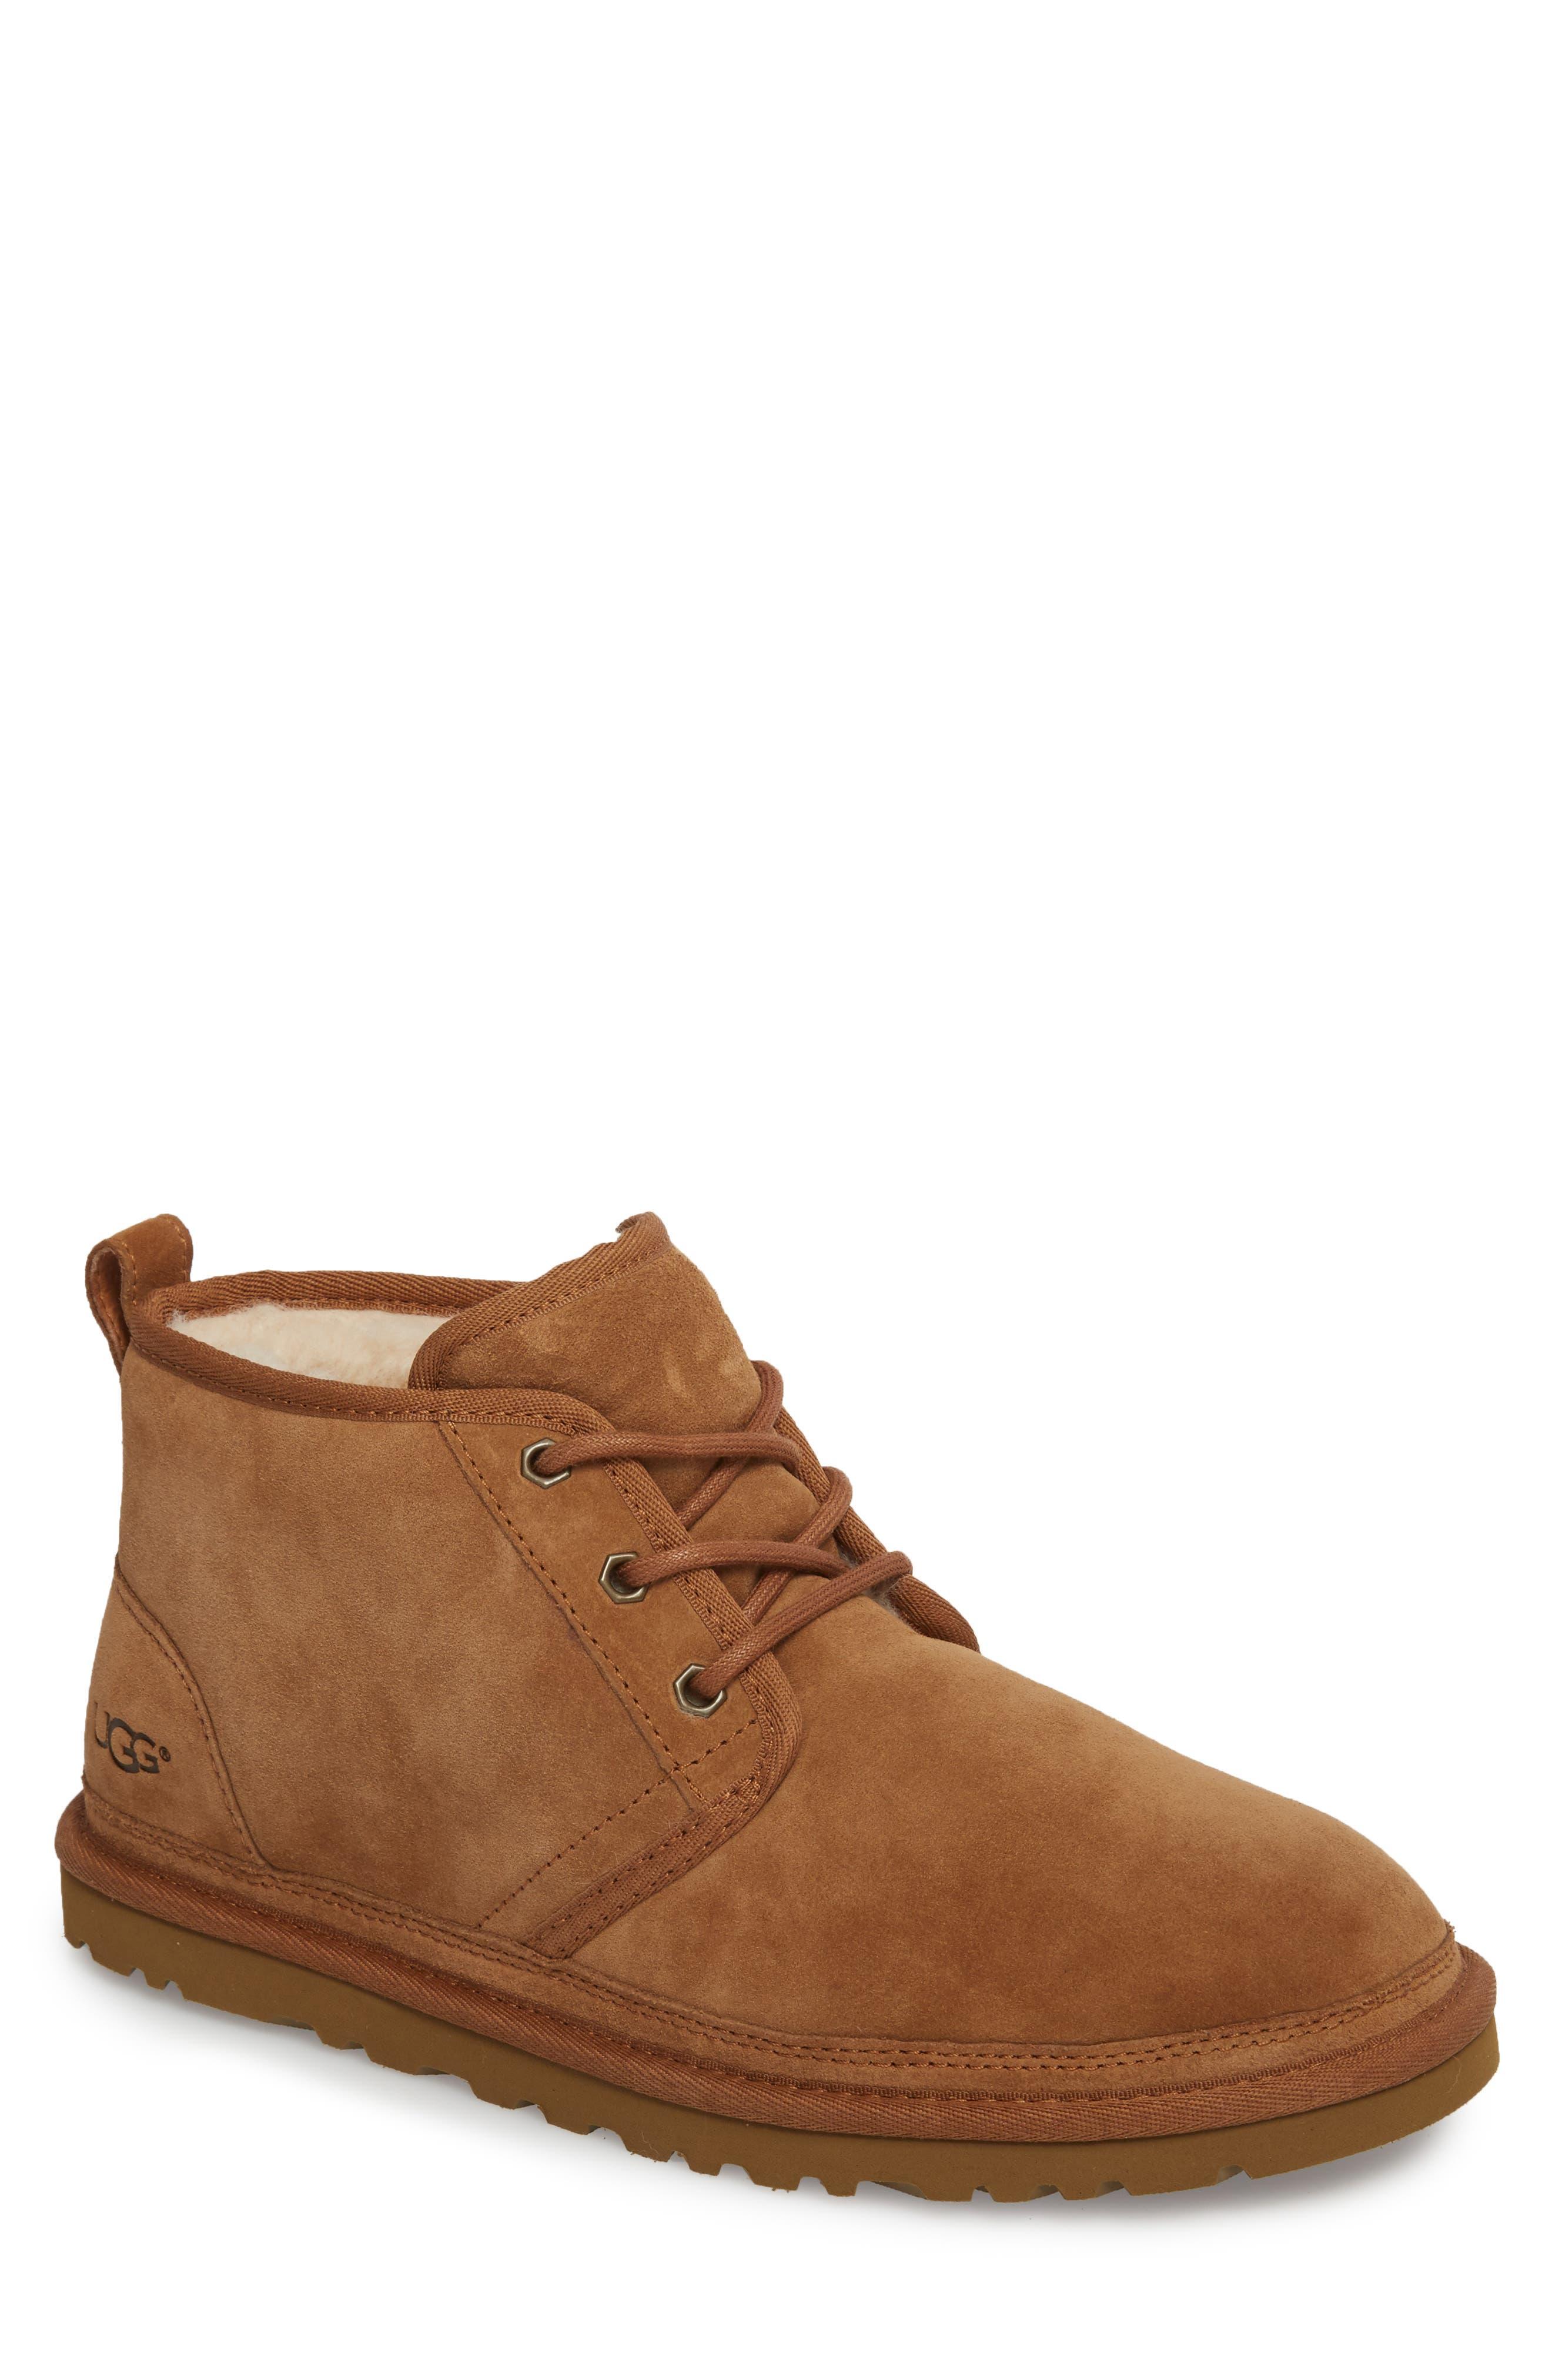 ugg men s boots shoes slippers nordstrom rh shop nordstrom com